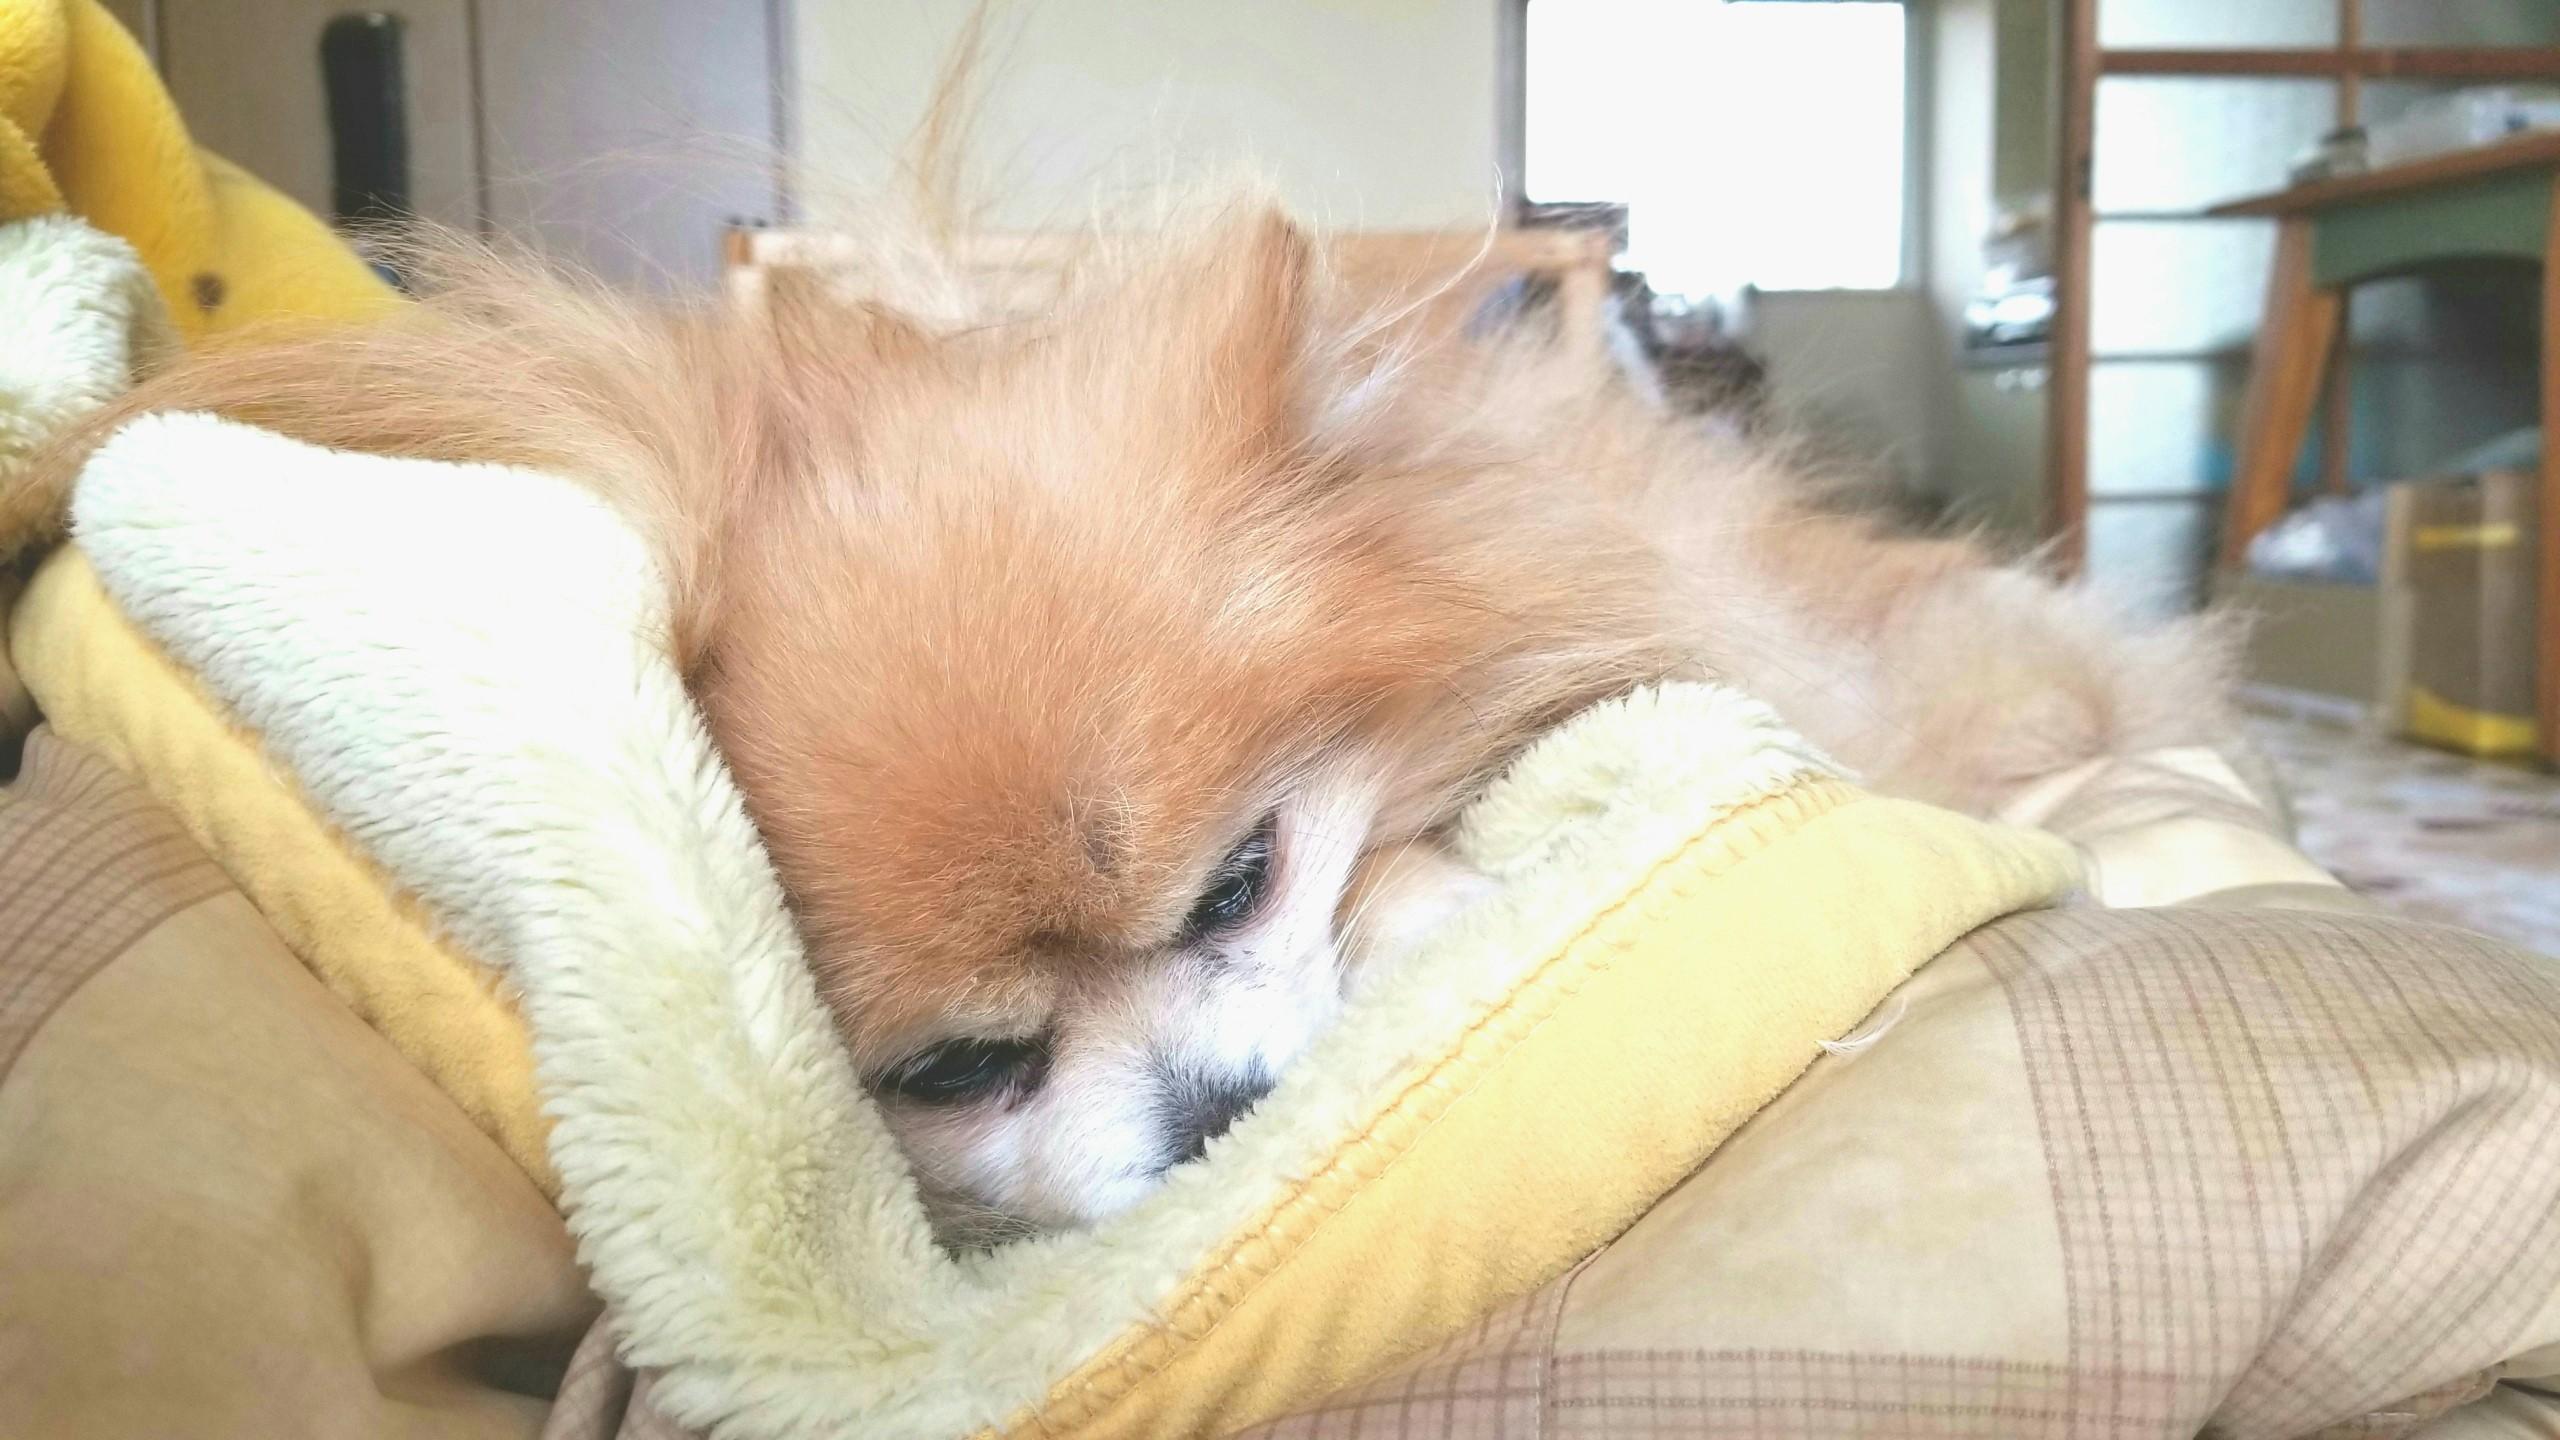 世界一かわいいポメラニアン寝顔愛犬ペット老犬14歳の生活大好き